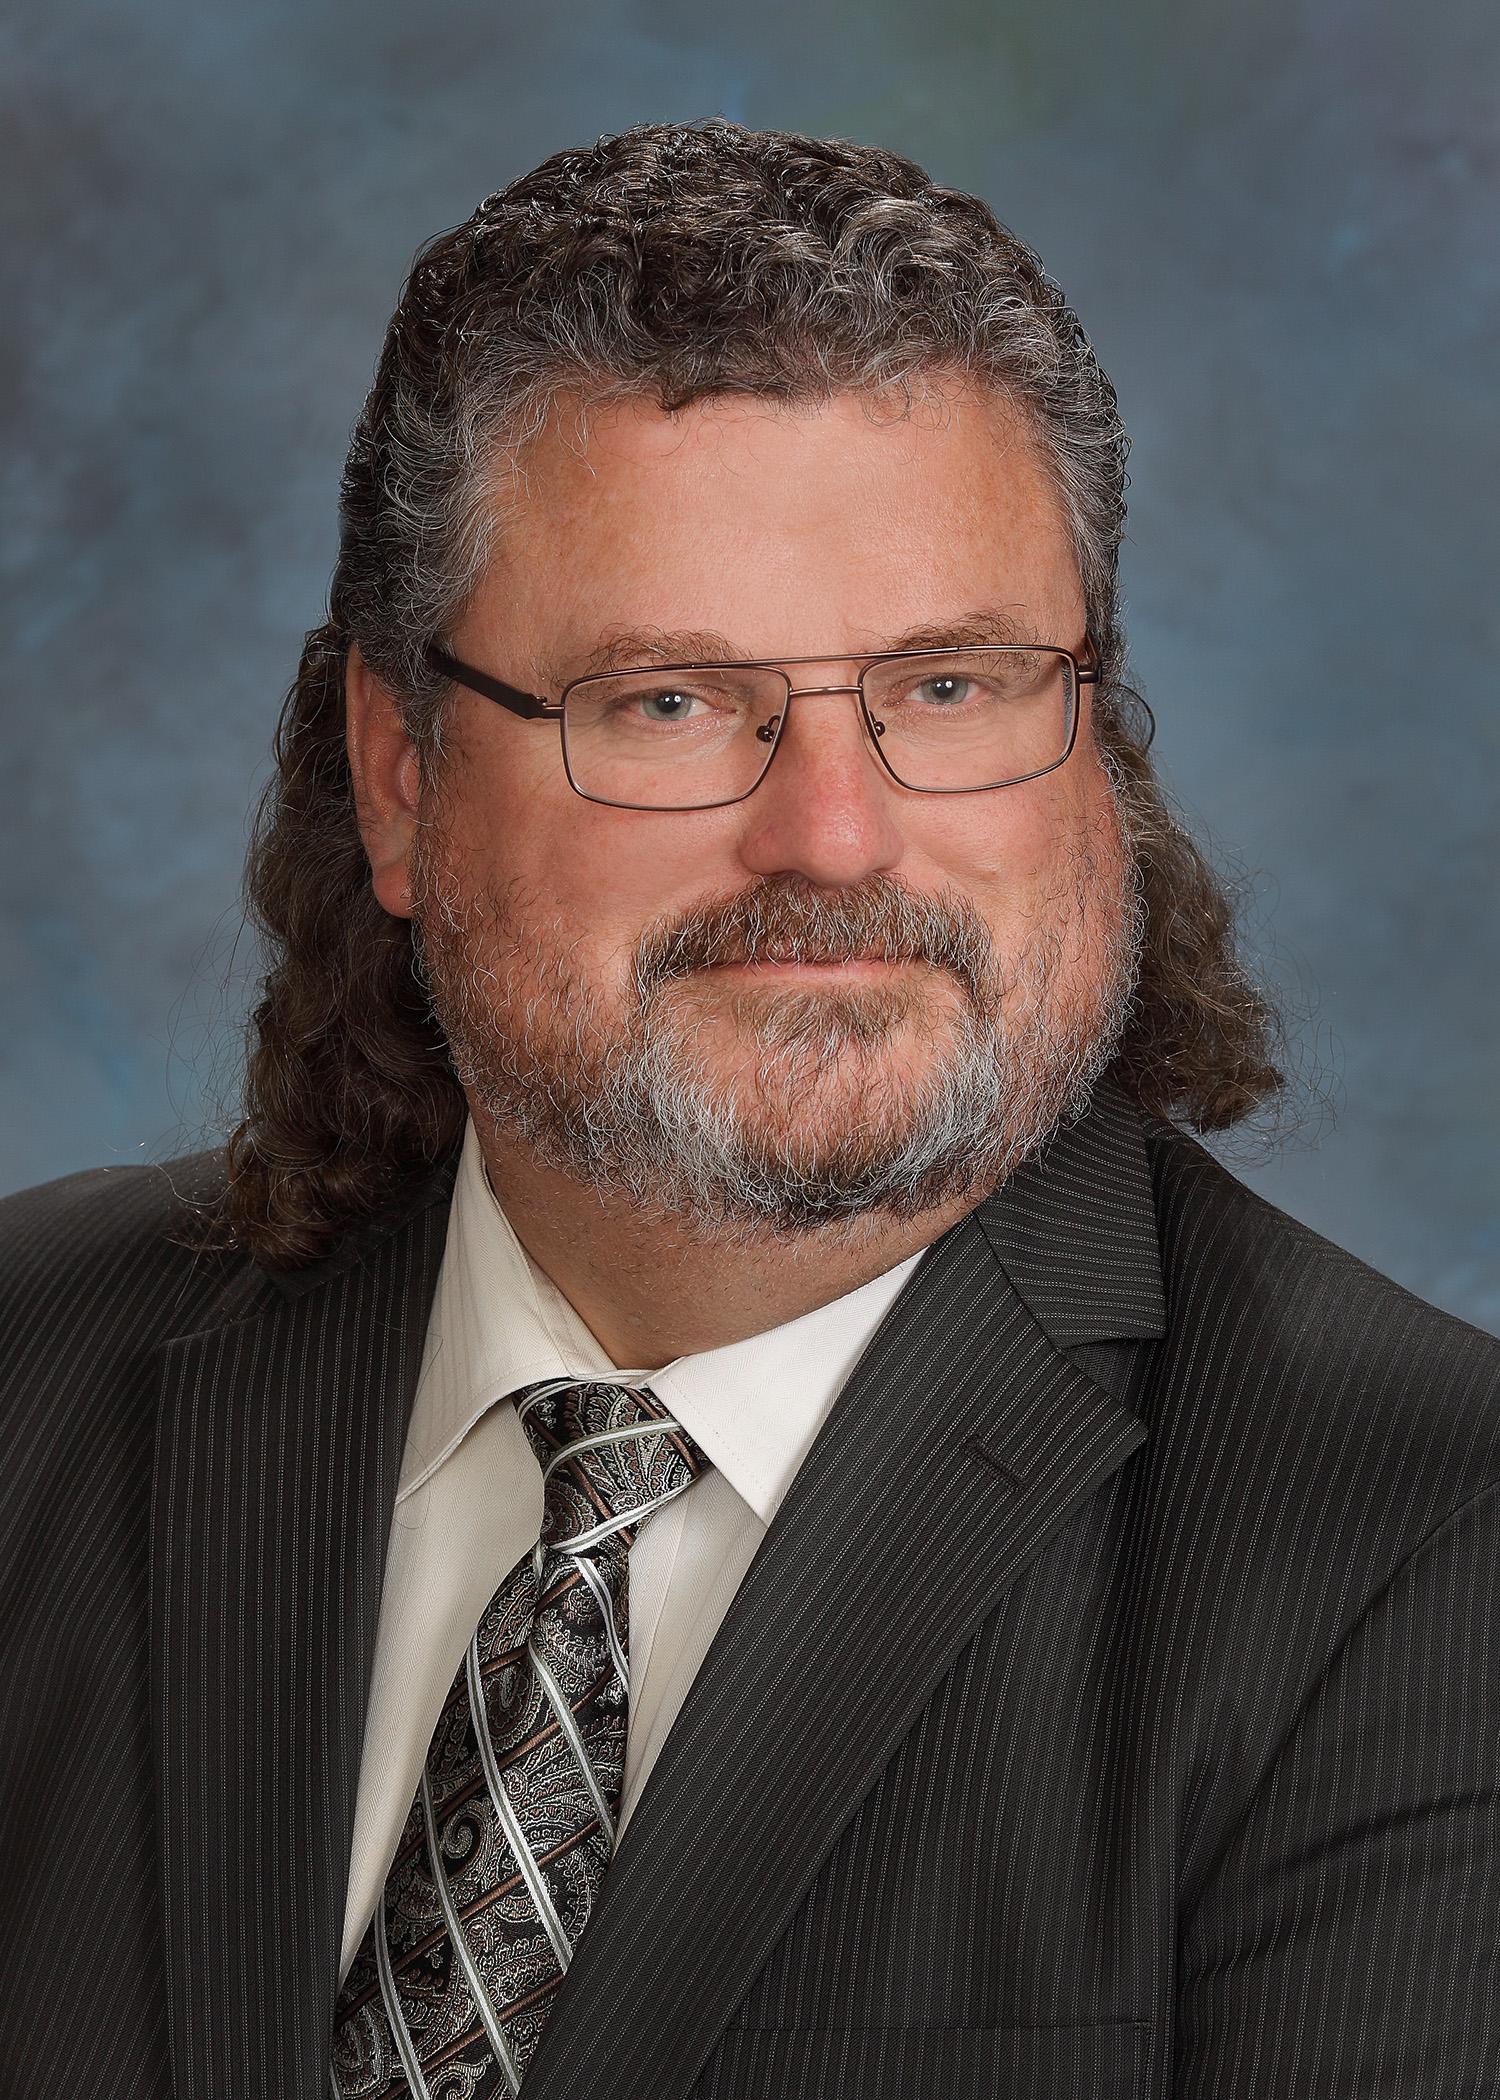 Dave Kovatch